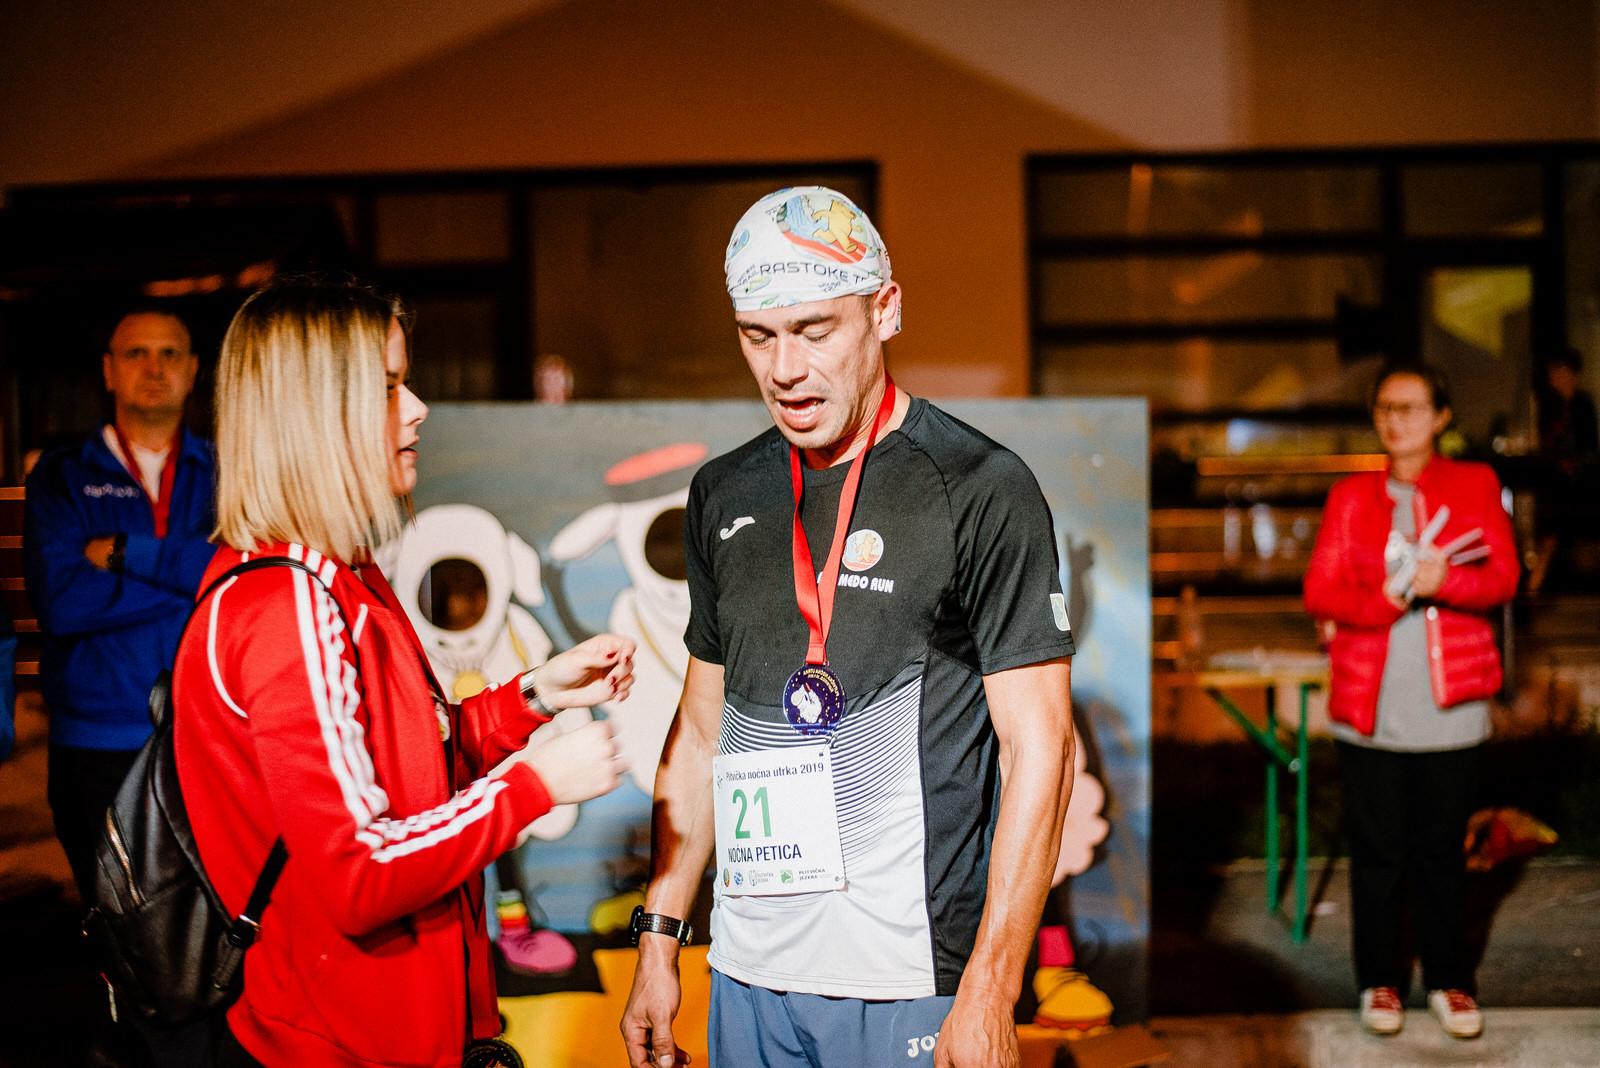 likaclub_korenica_noćna-utrka-2019-38